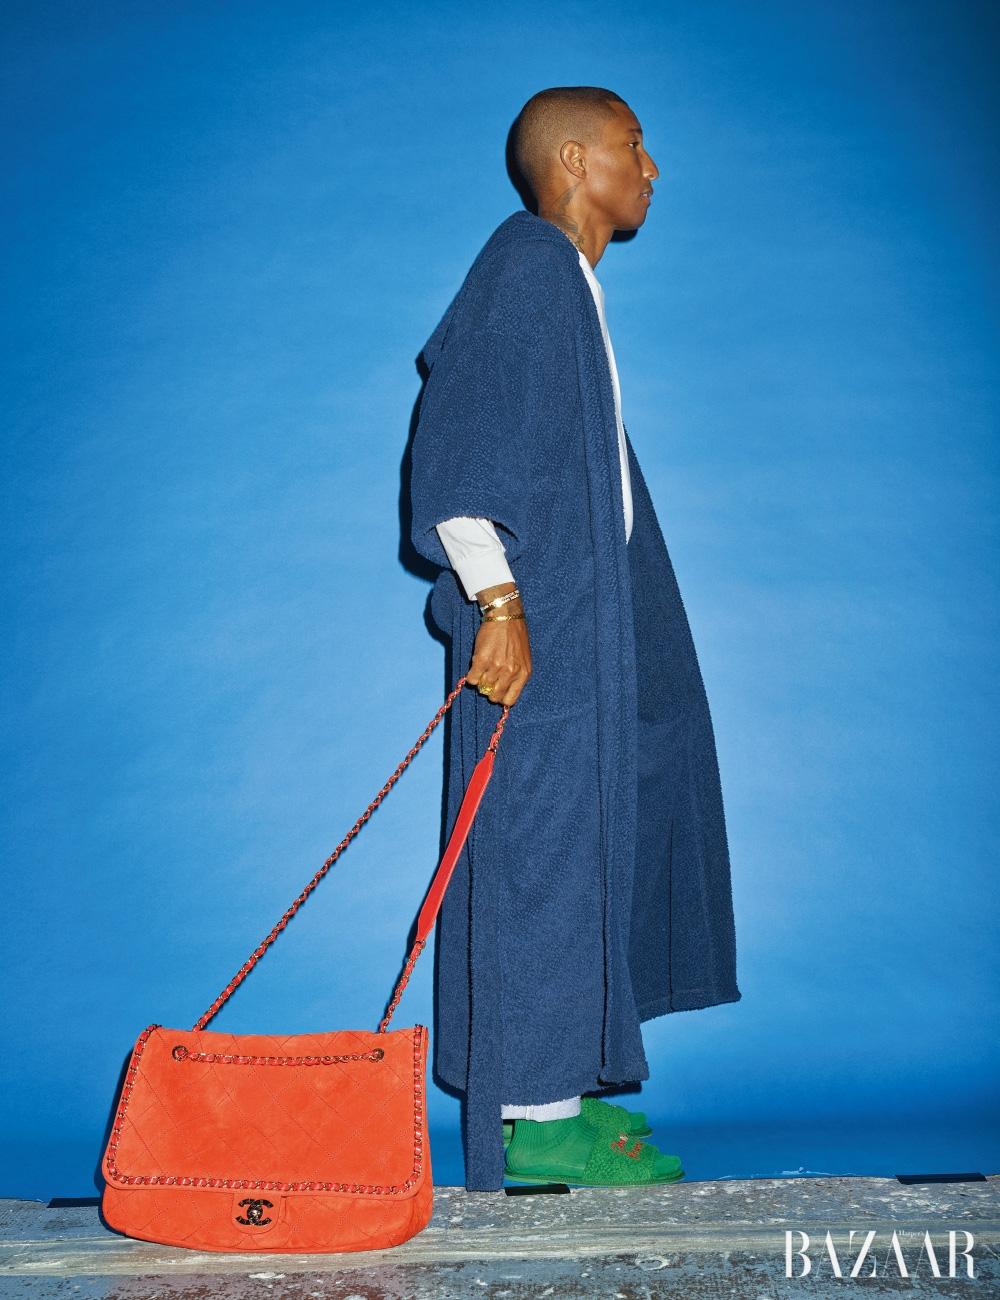 로브, 맨투맨, 데님 팬츠, 오버사이즈 체인 백, 슬리퍼는 모두 CHANEL-Pharrell Capsule Collection, 팔찌와 반지는 개인 소장품.